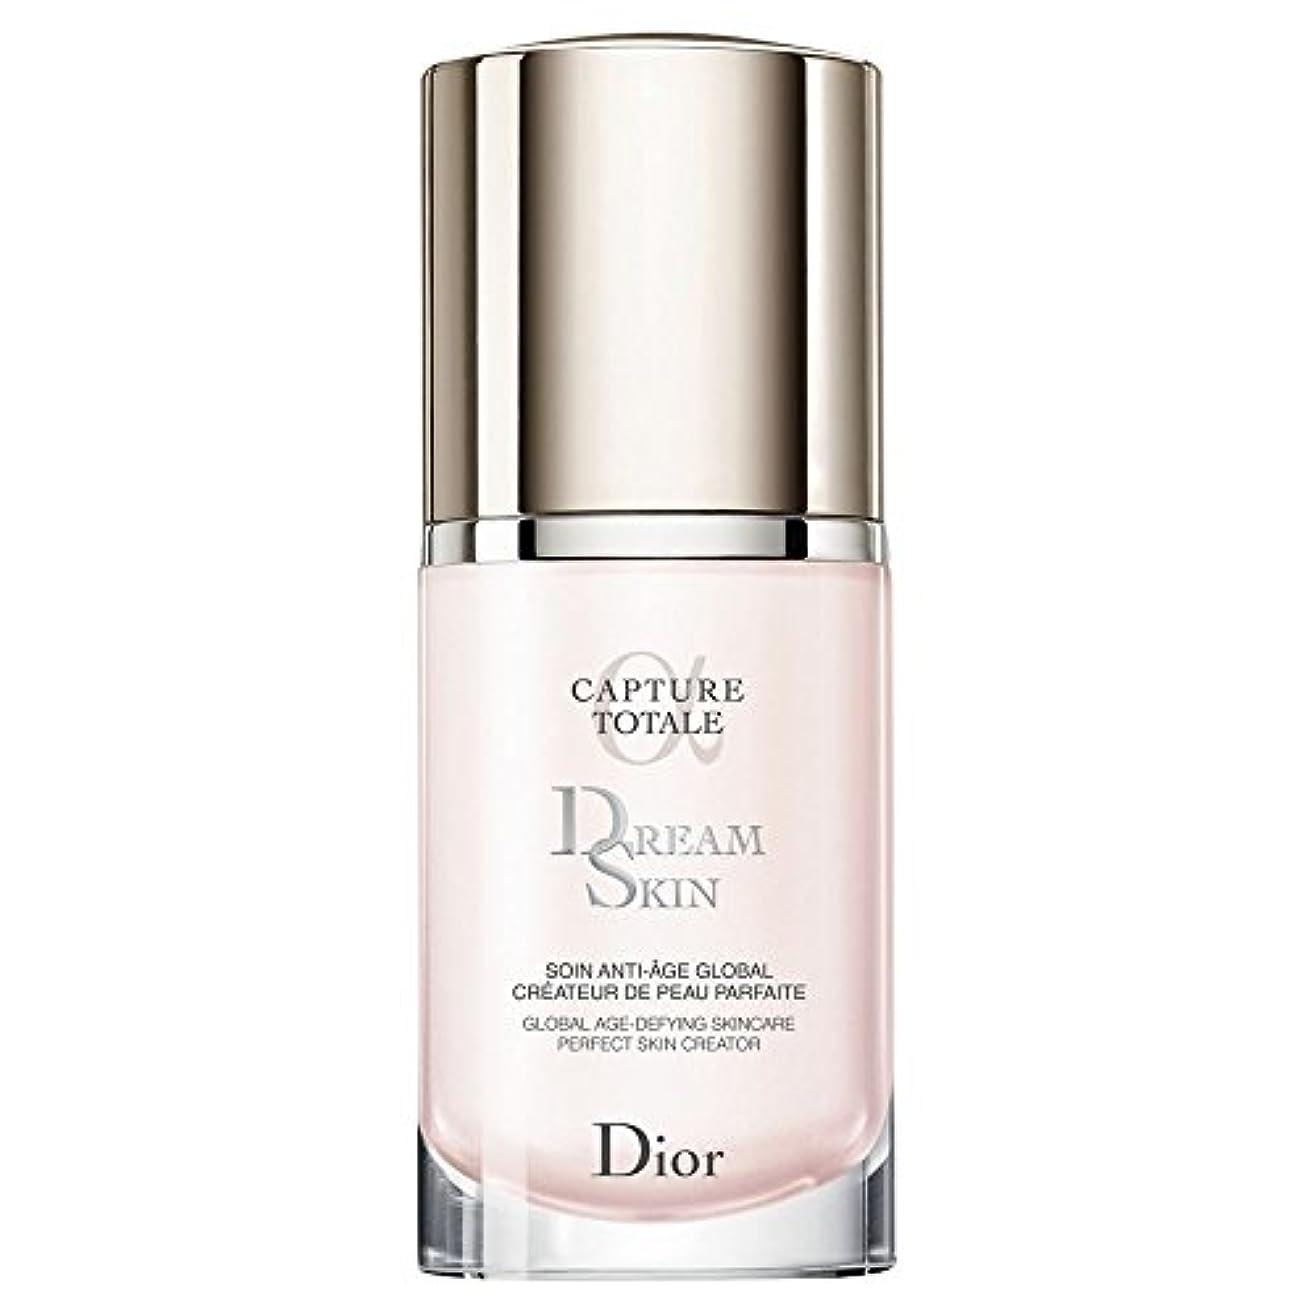 建物ロードされた確かに[Dior] ディオールカプチュールトータルのDreamskin 30ミリリットル - Dior Capture Totale Dreamskin 30ml [並行輸入品]